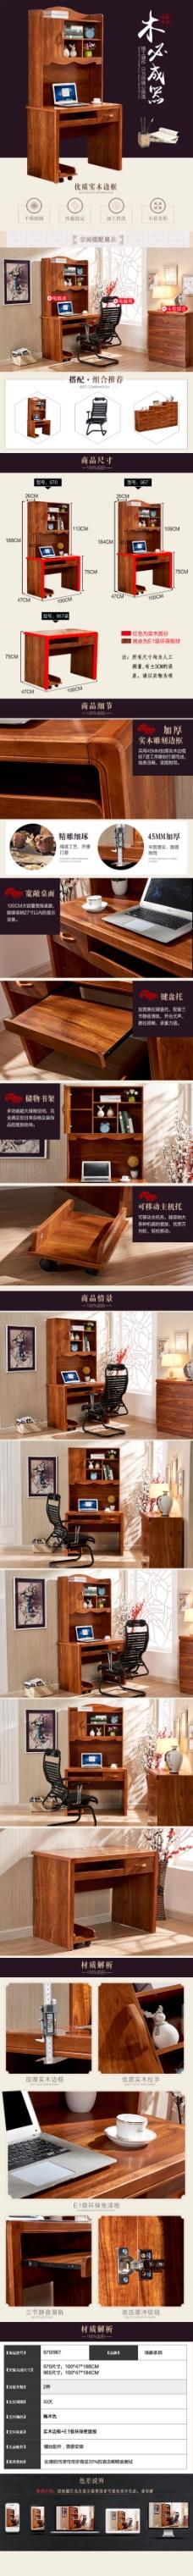 中式仿实木电脑桌家具详情页psd淘宝电商